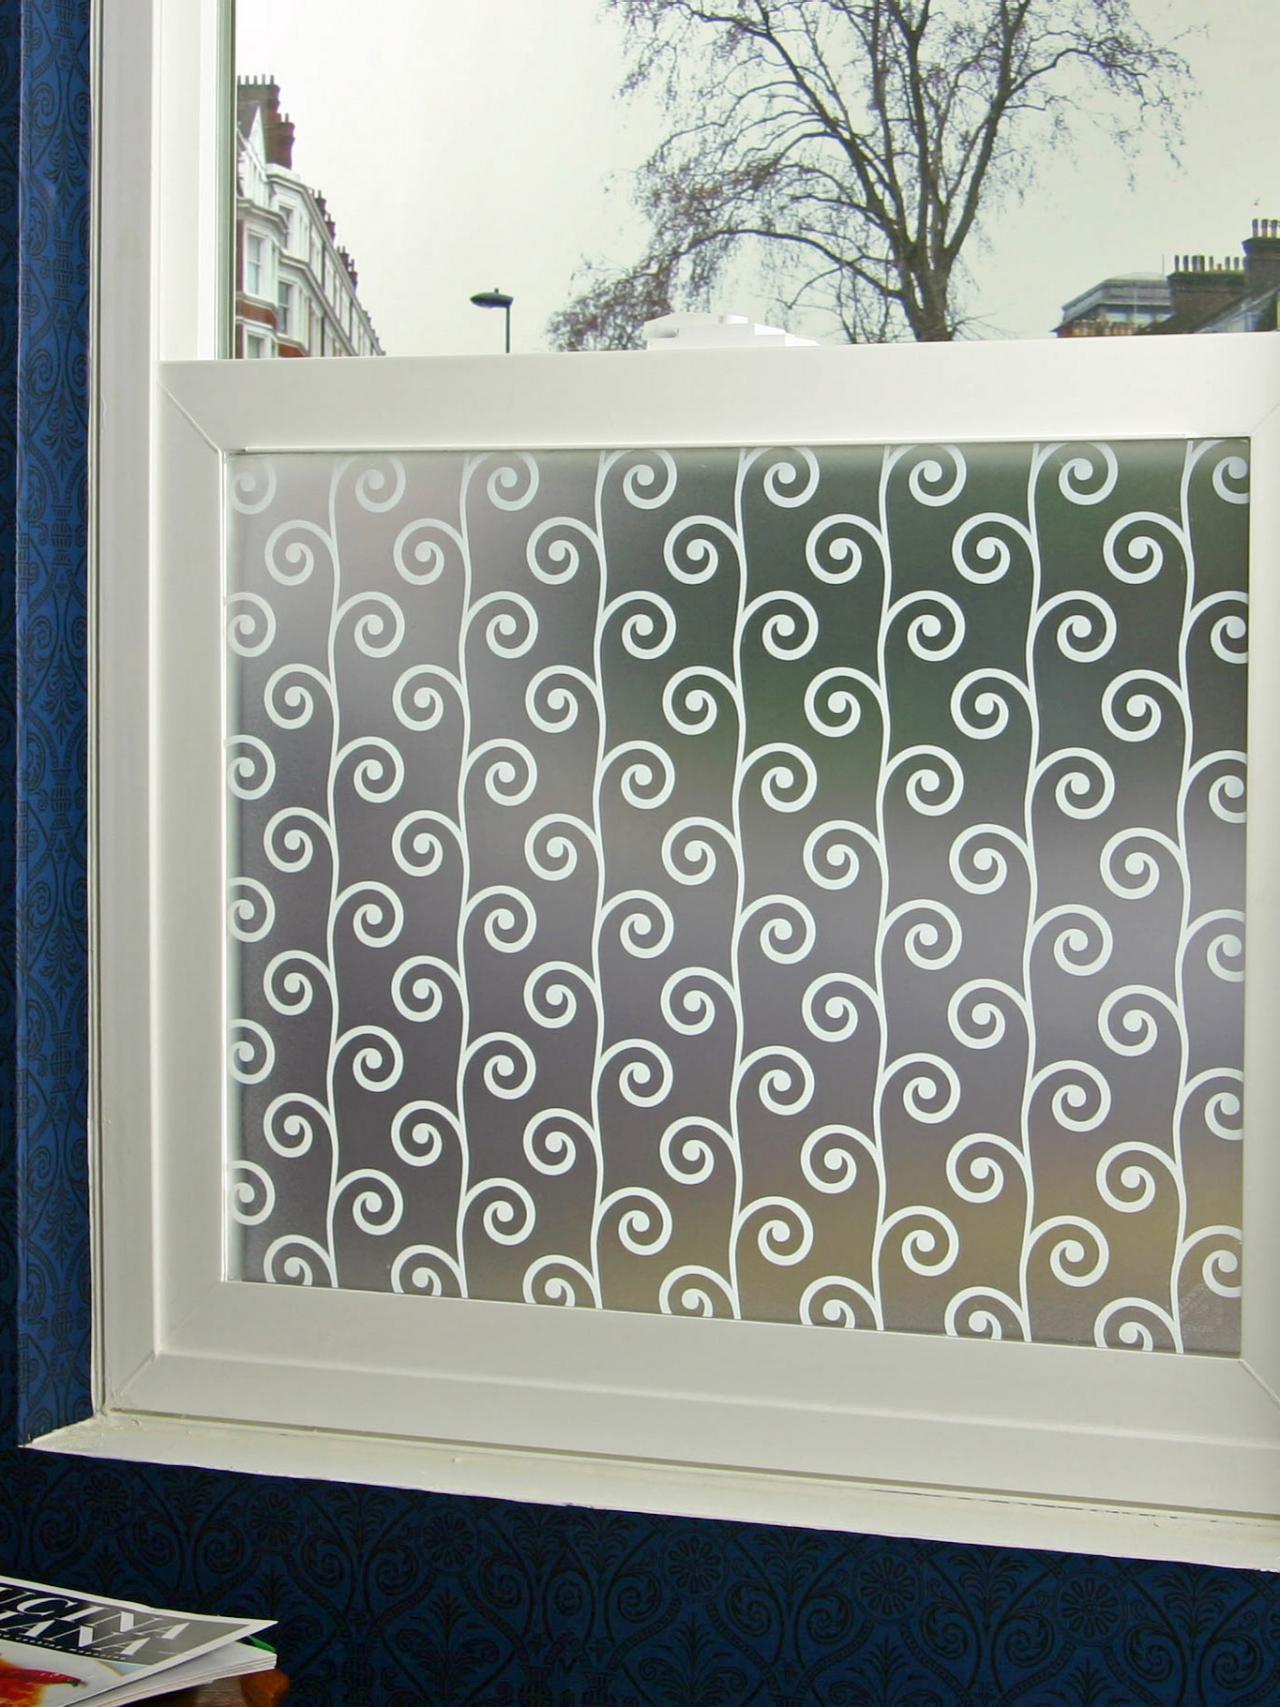 Badezimmer Fenster Behandlungen Bad Fenster Vorhange Fenster Privatsphare Fenstergestaltung